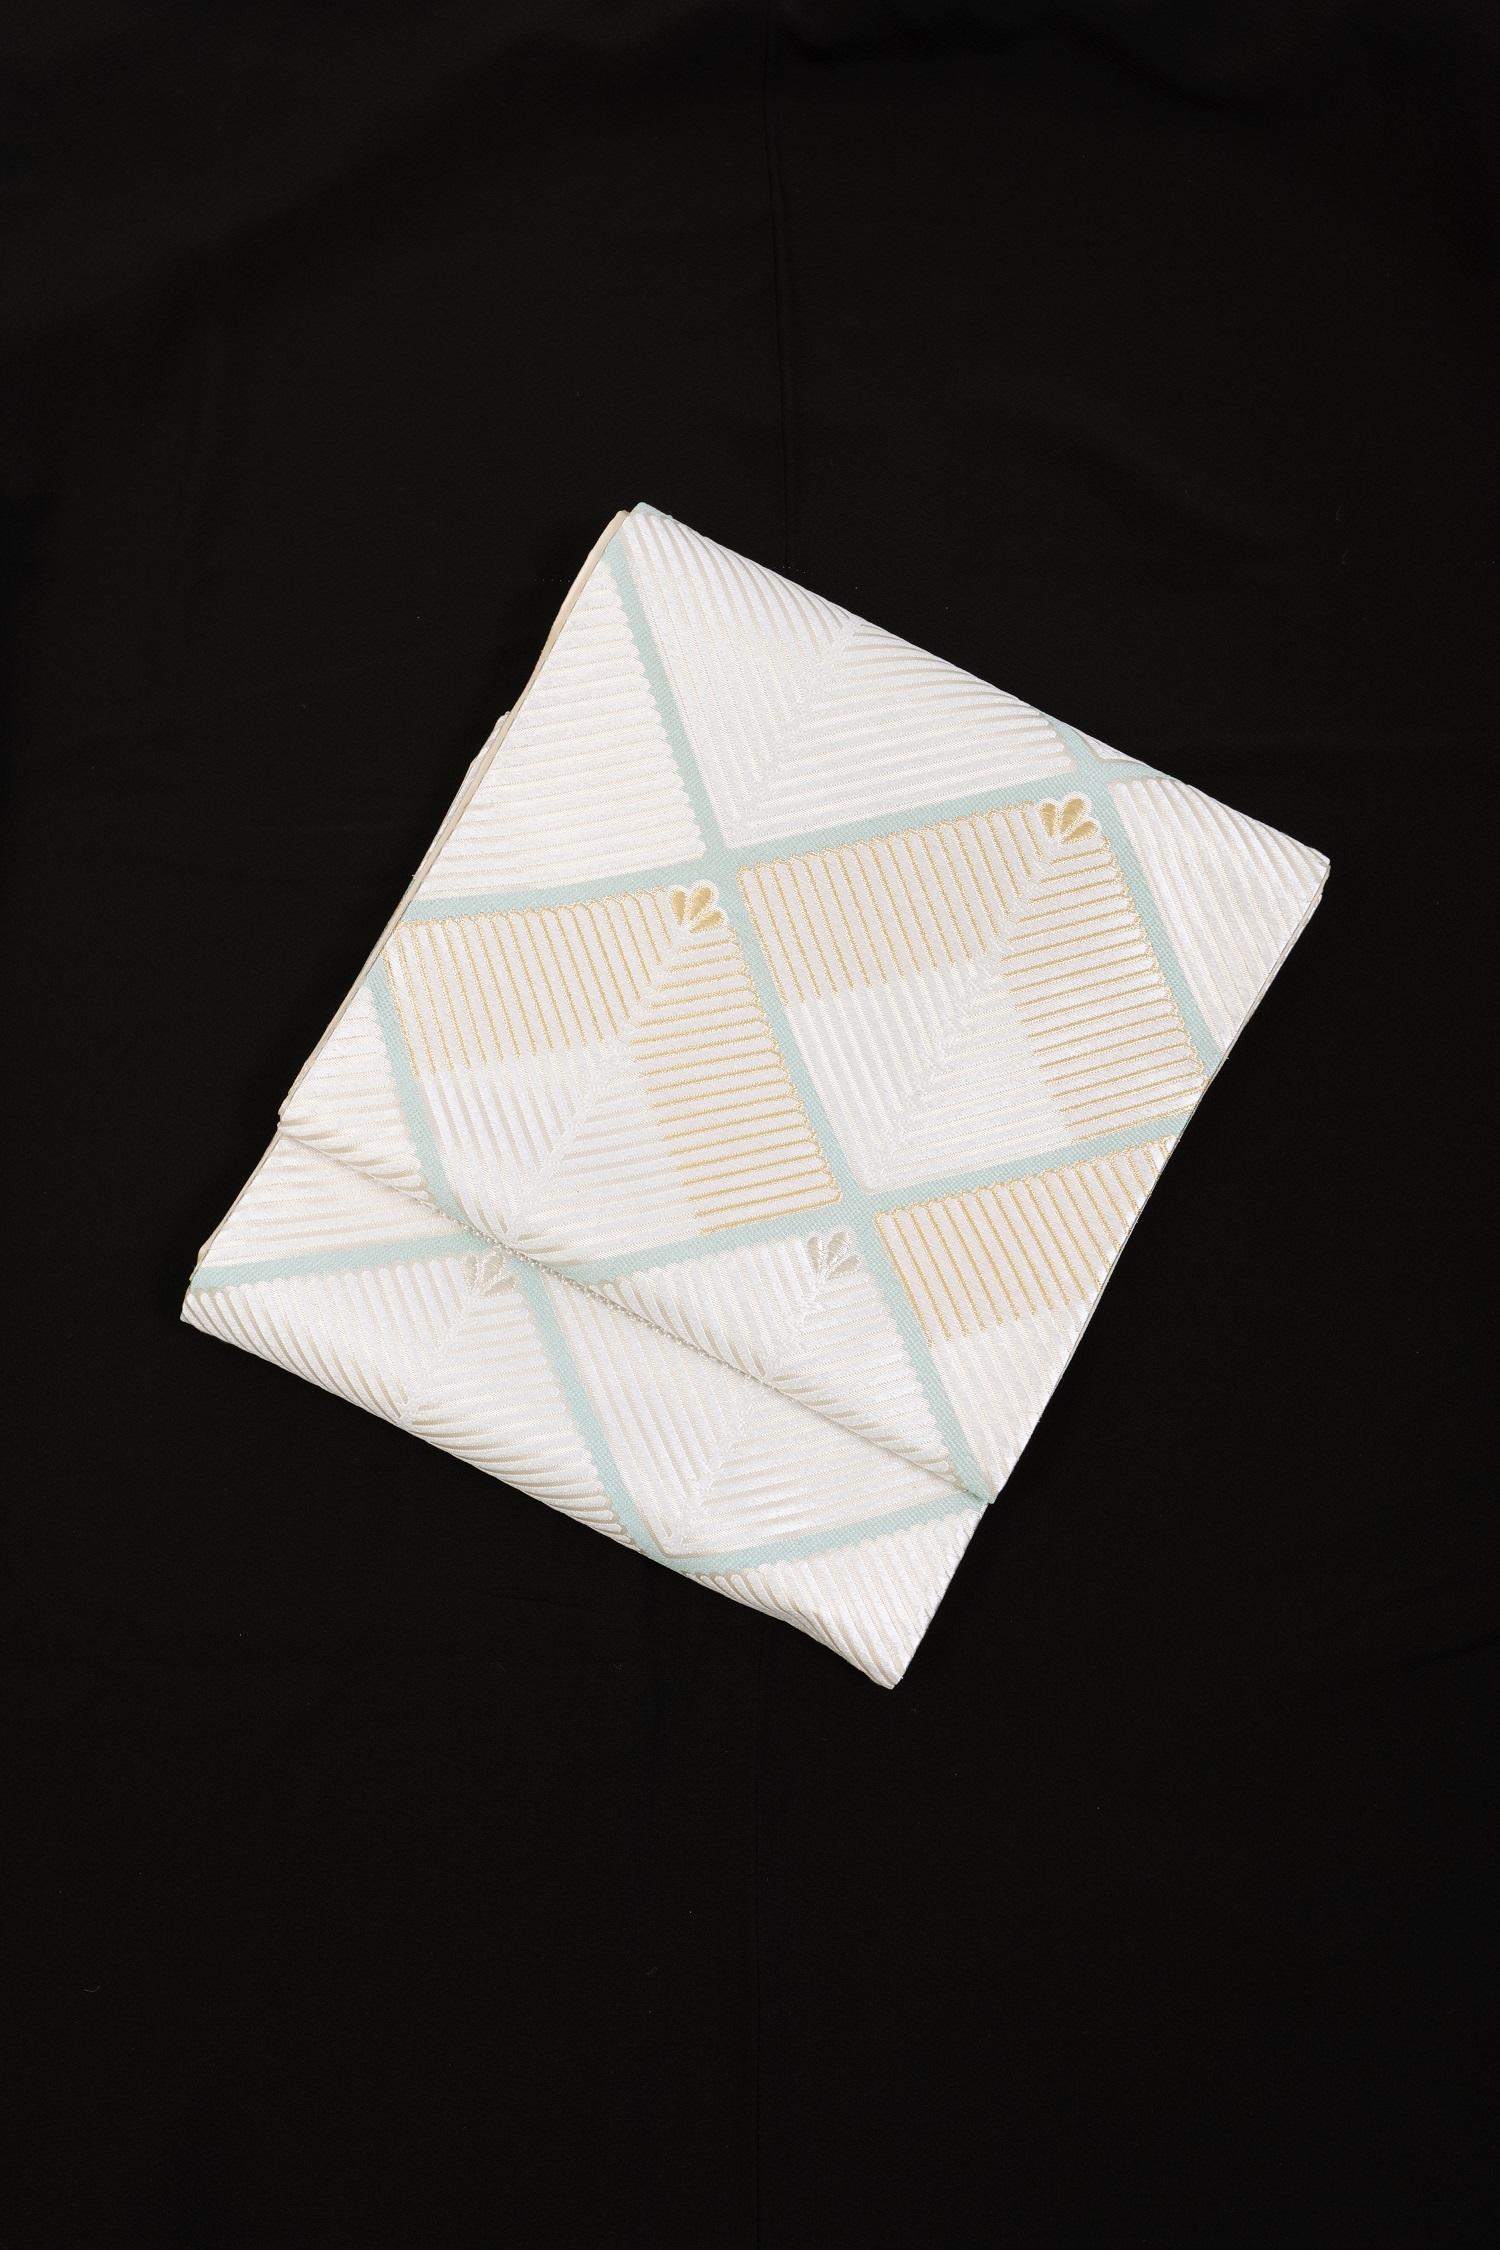 【高級帯レンタル】obi-363 高級袋帯レンタル「菱・松葉・河合美術織物」